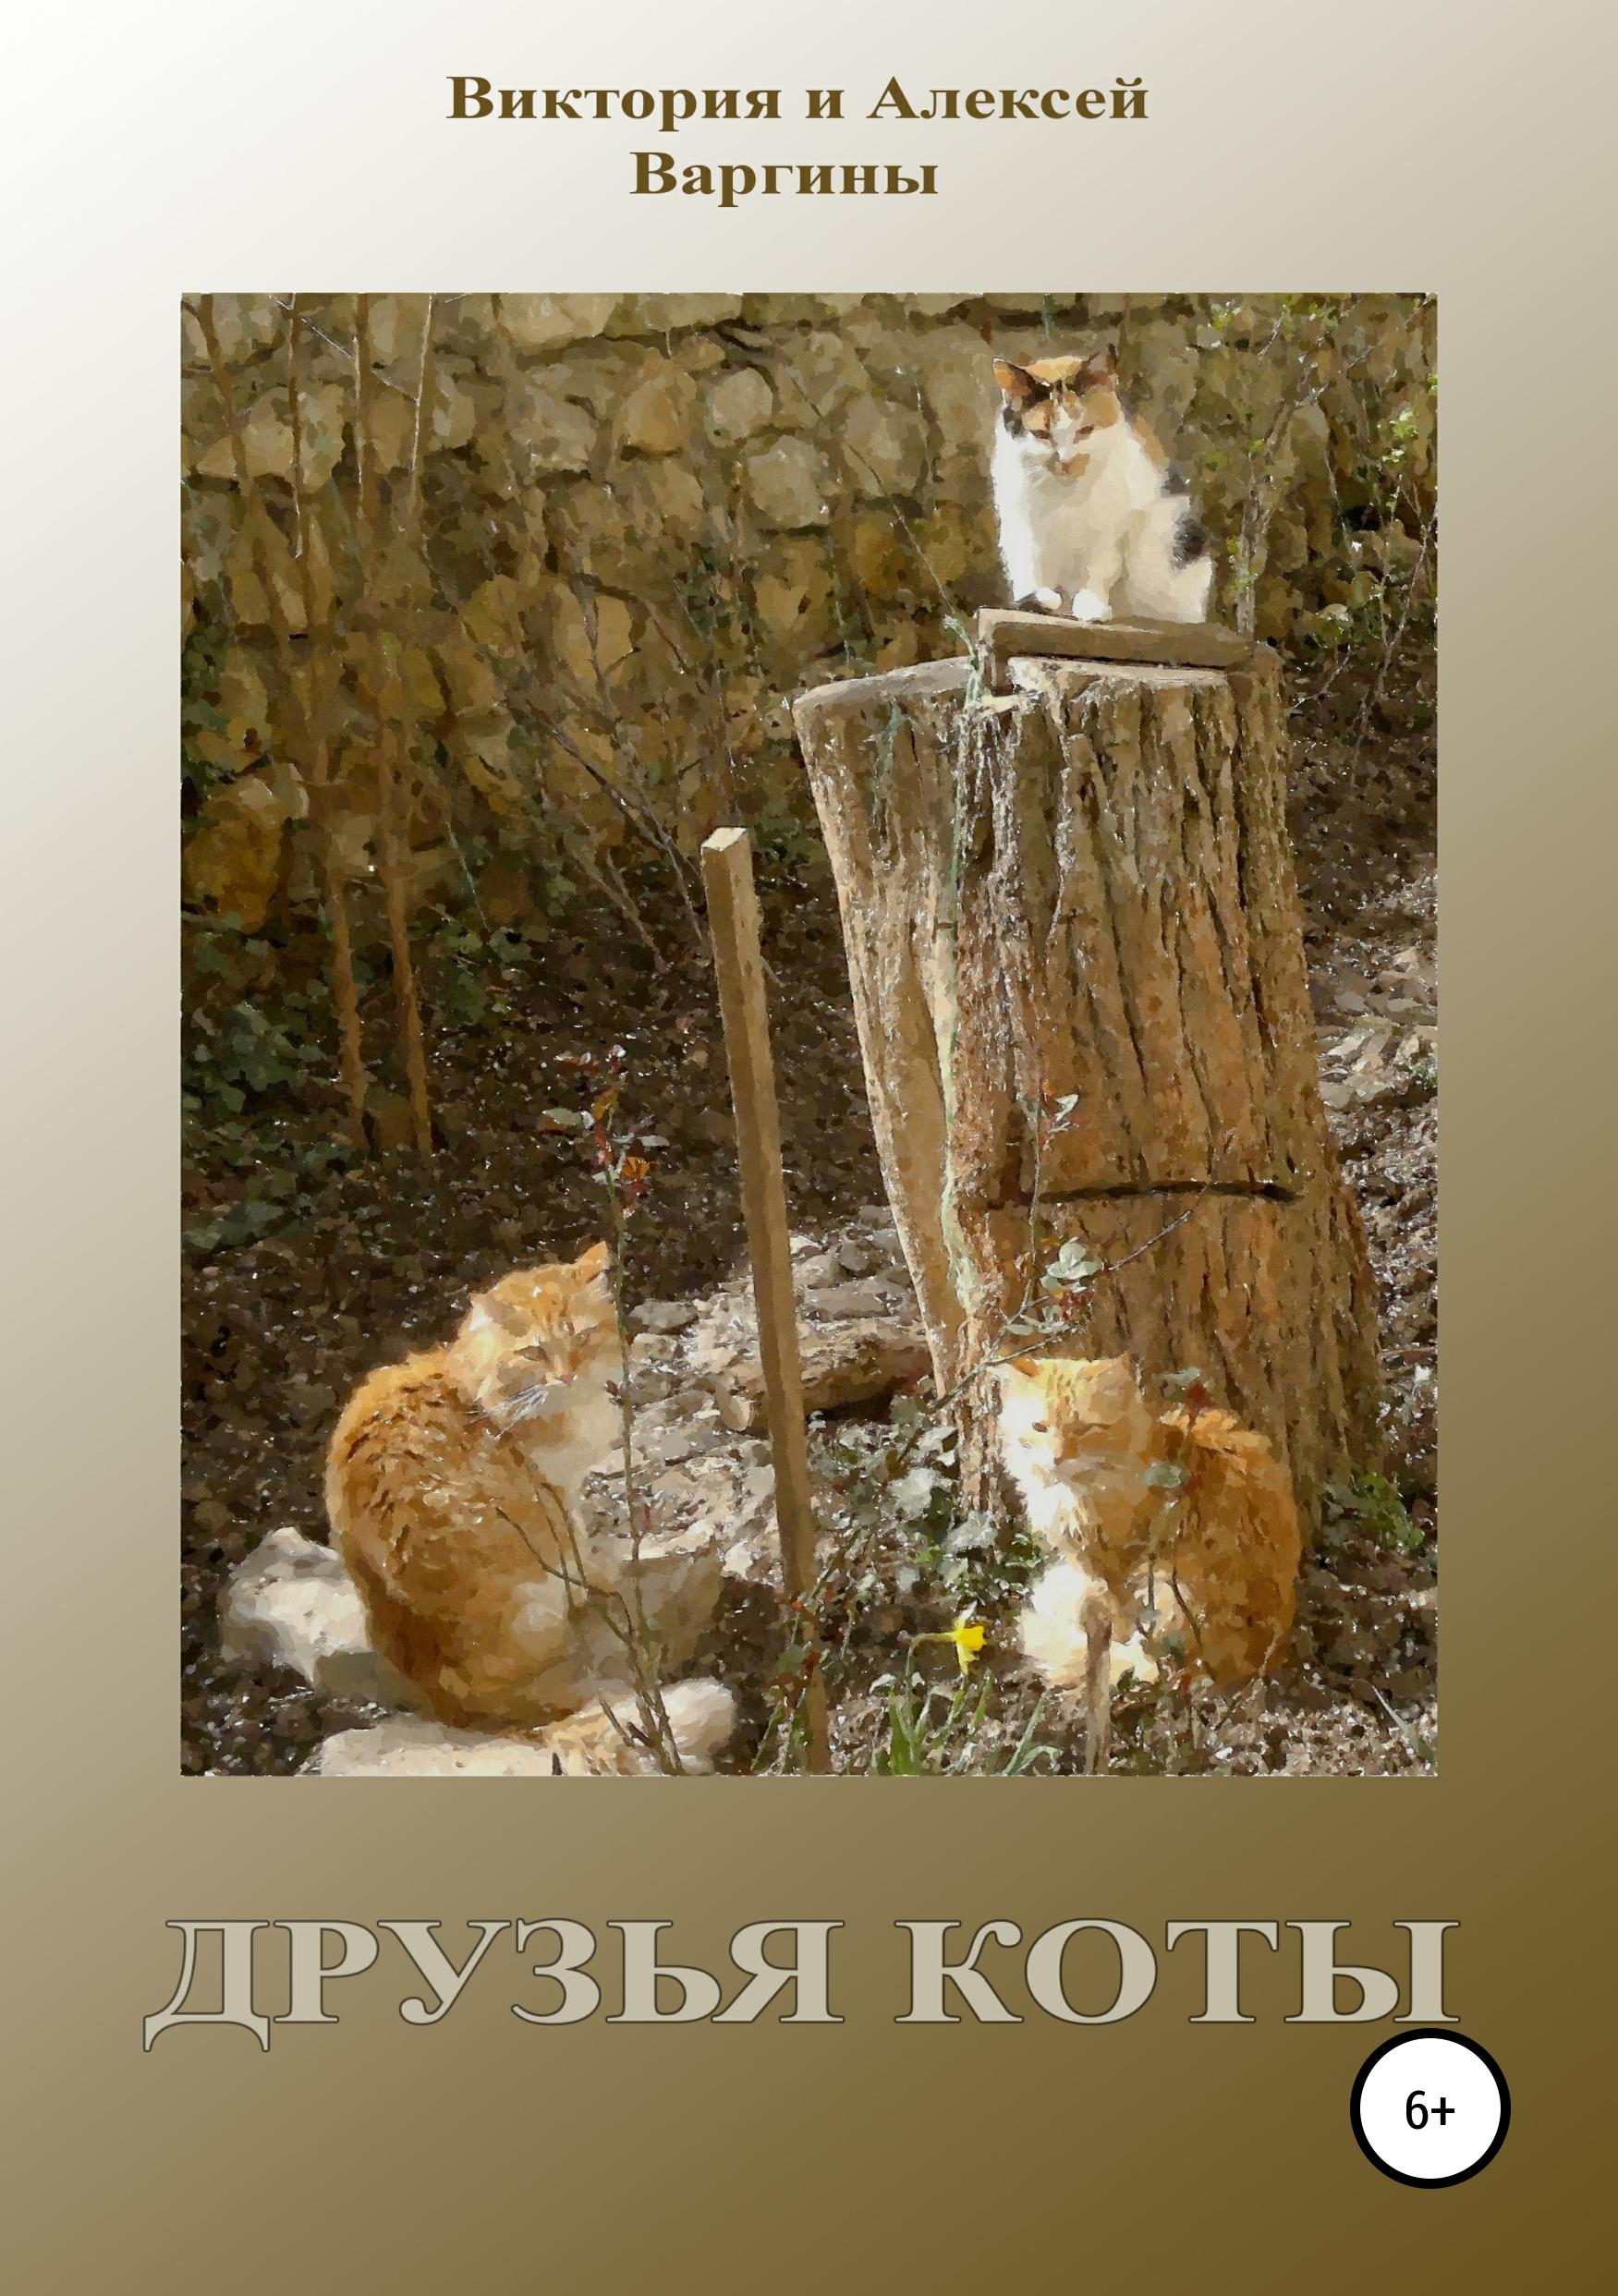 Купить книгу Друзья коты, автора